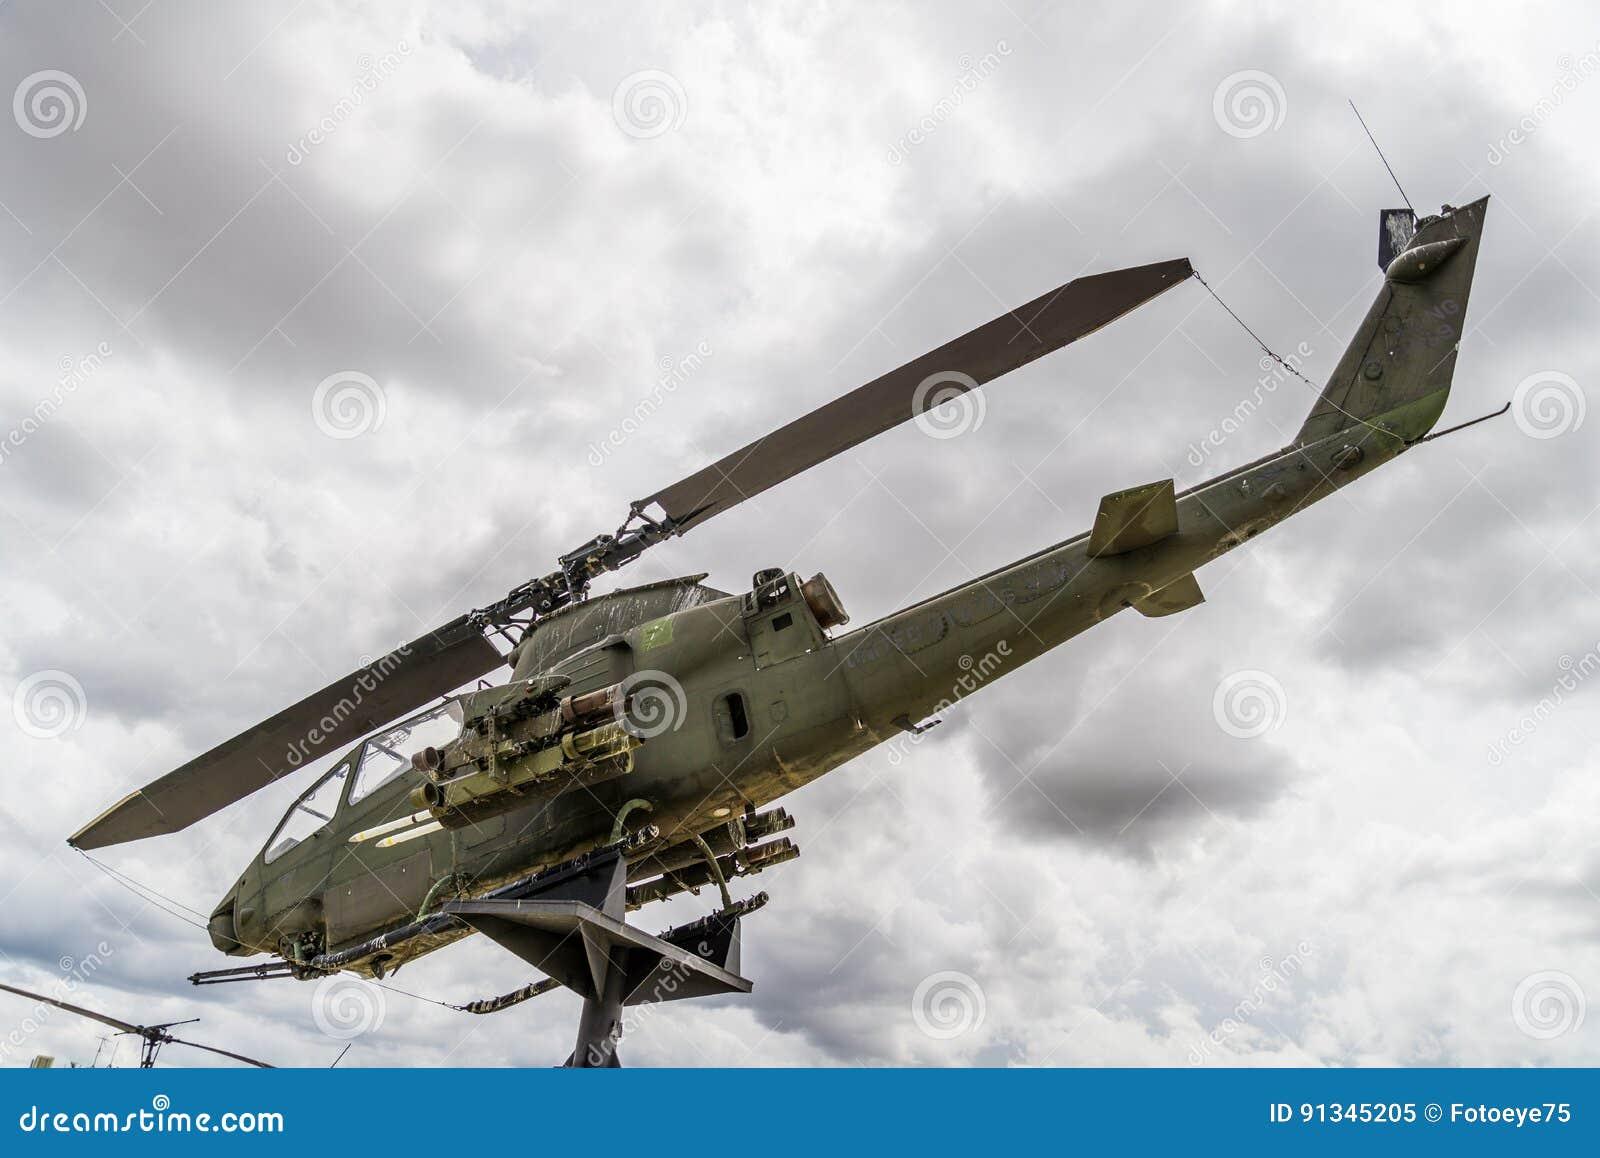 Elicottero 205 : Era del vietnam dell elicottero di apache immagine editoriale